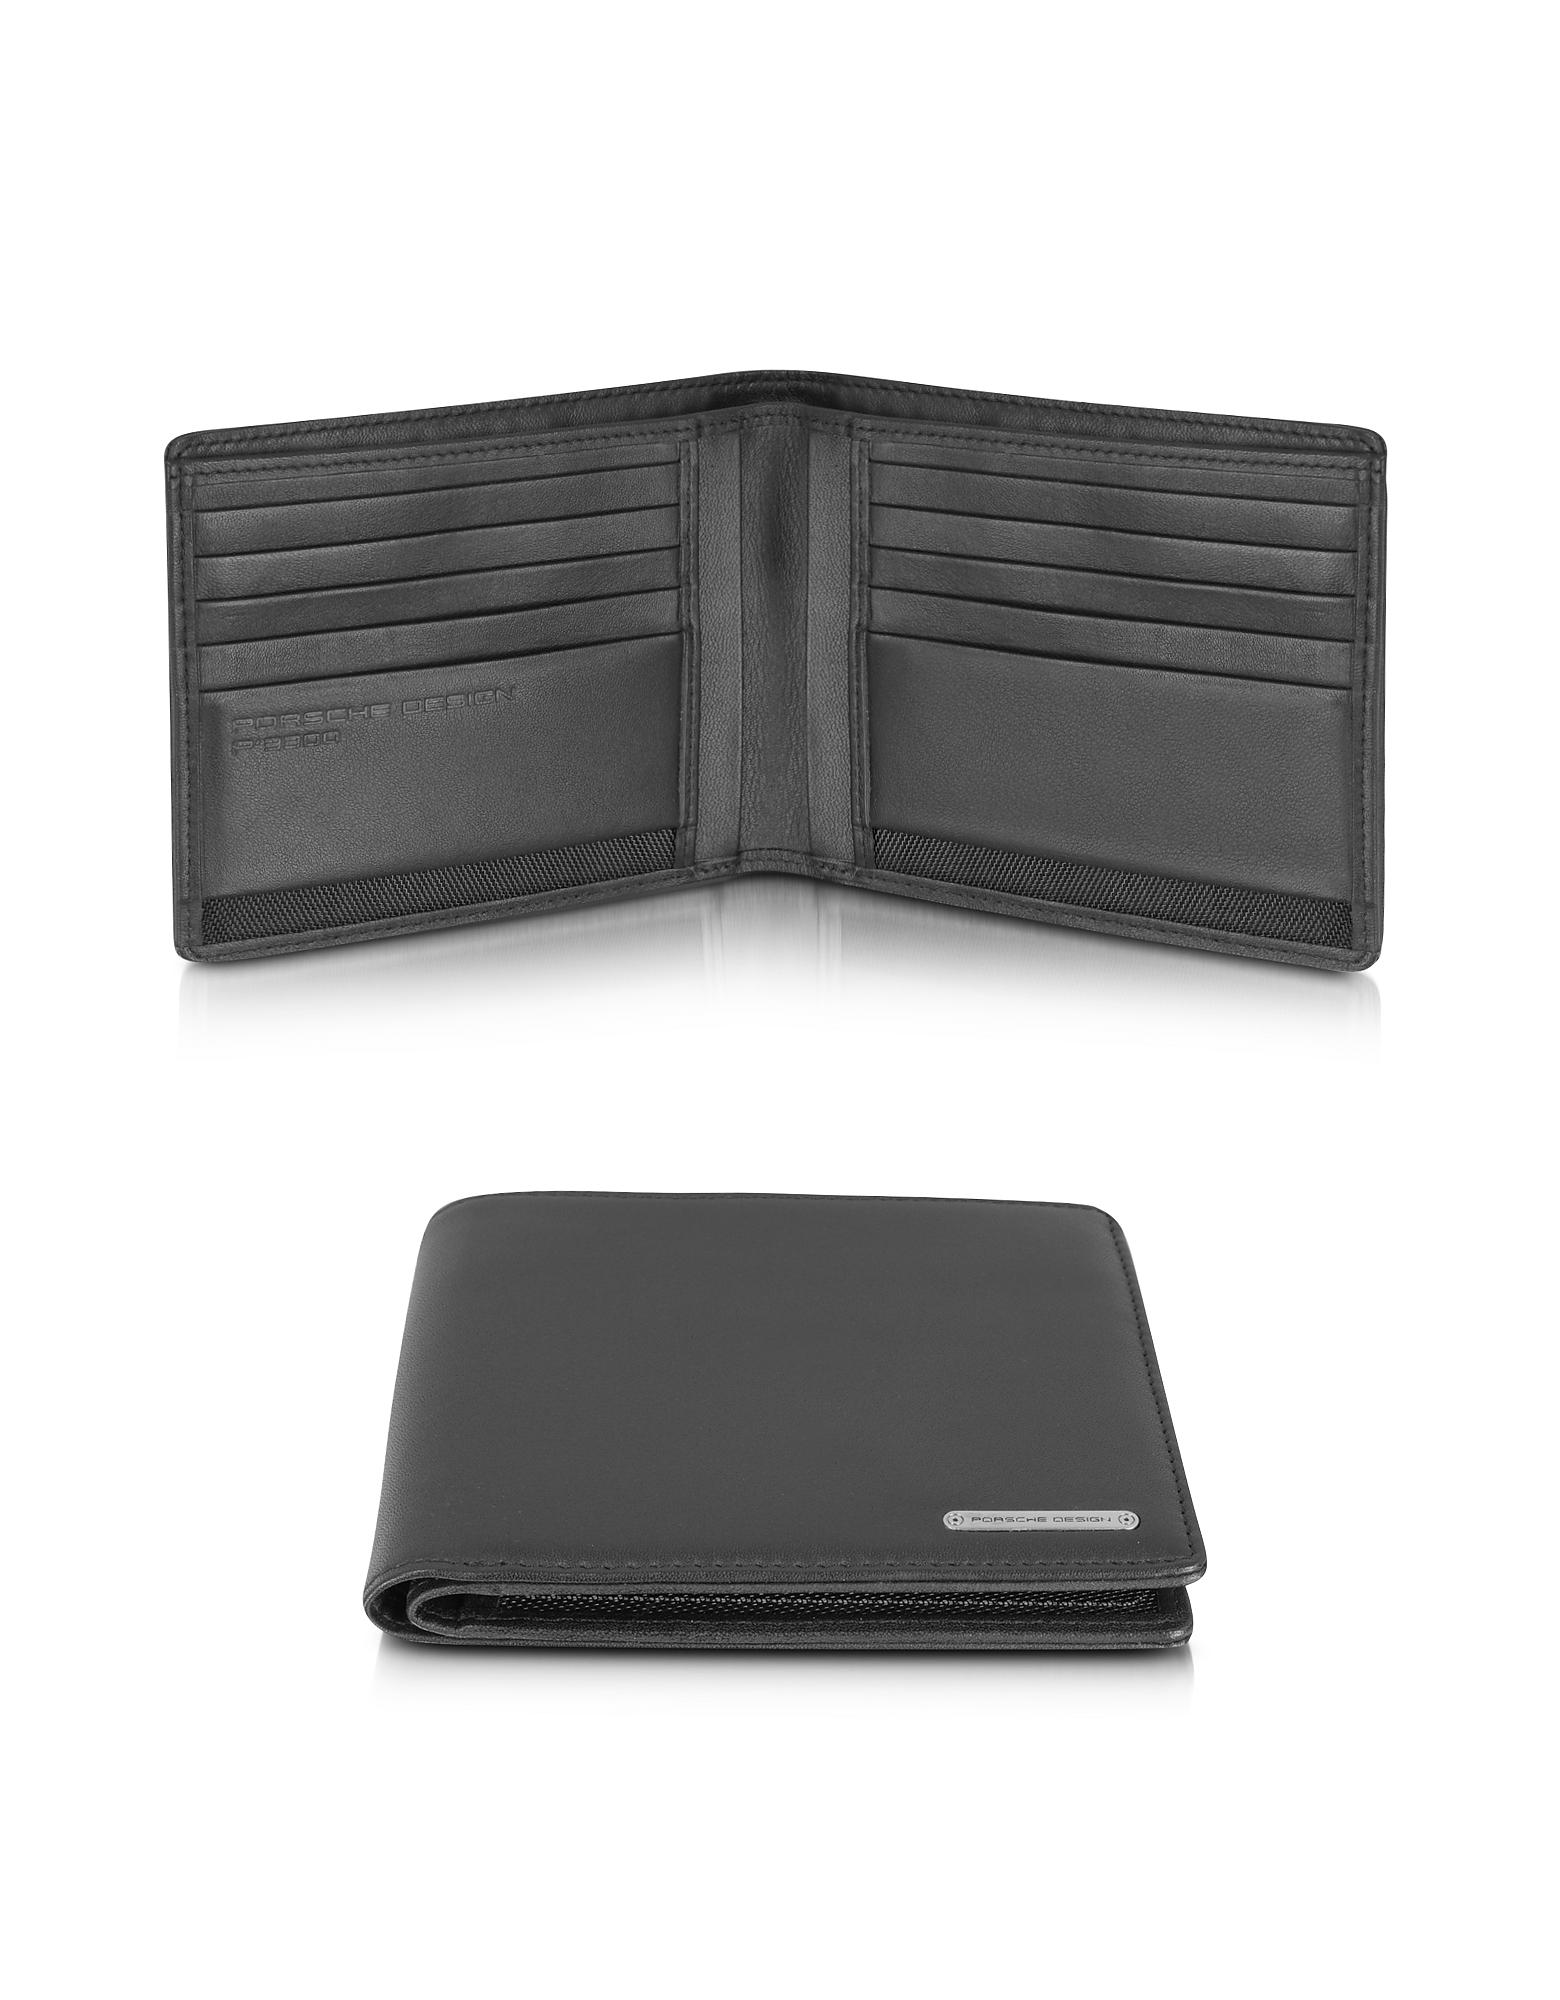 Porsche Design CL 2.0 - Черный Бумажник из Натуральной Кожи